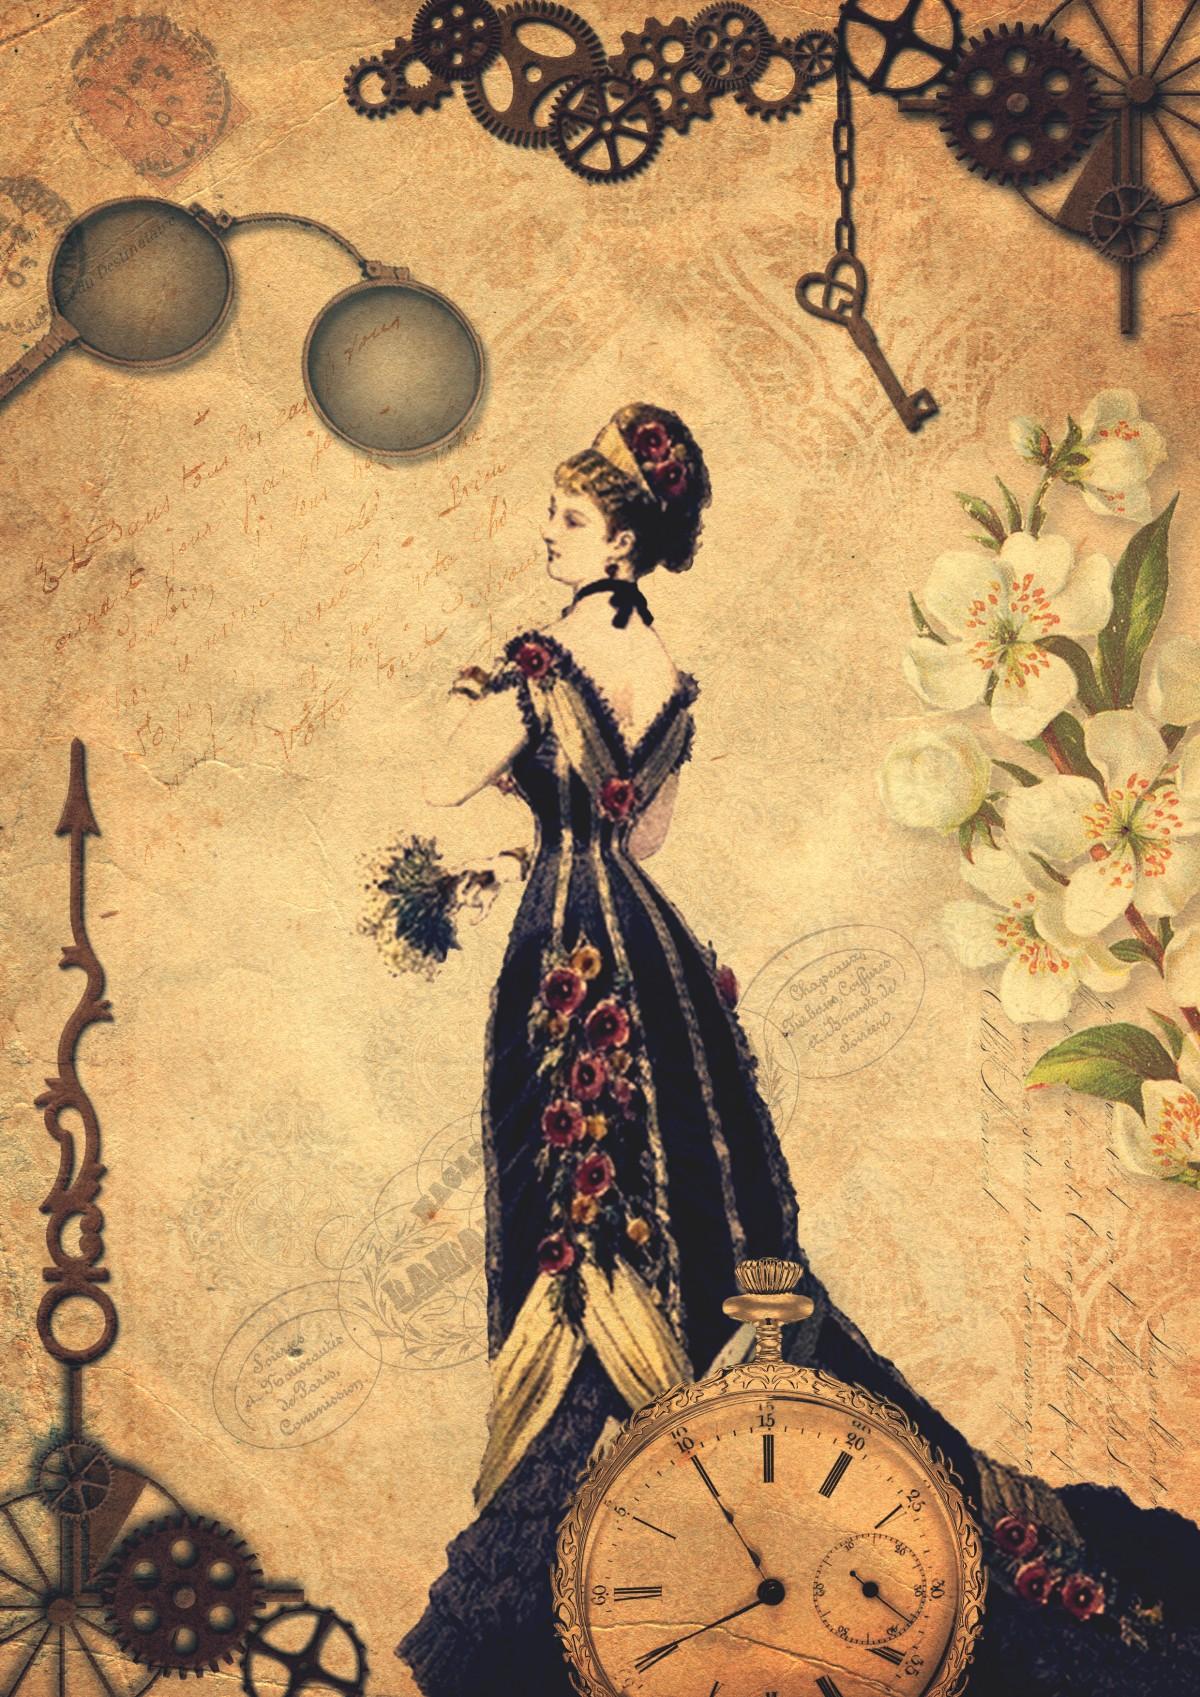 Free Images : background, chic, clock, clothing, damask ...